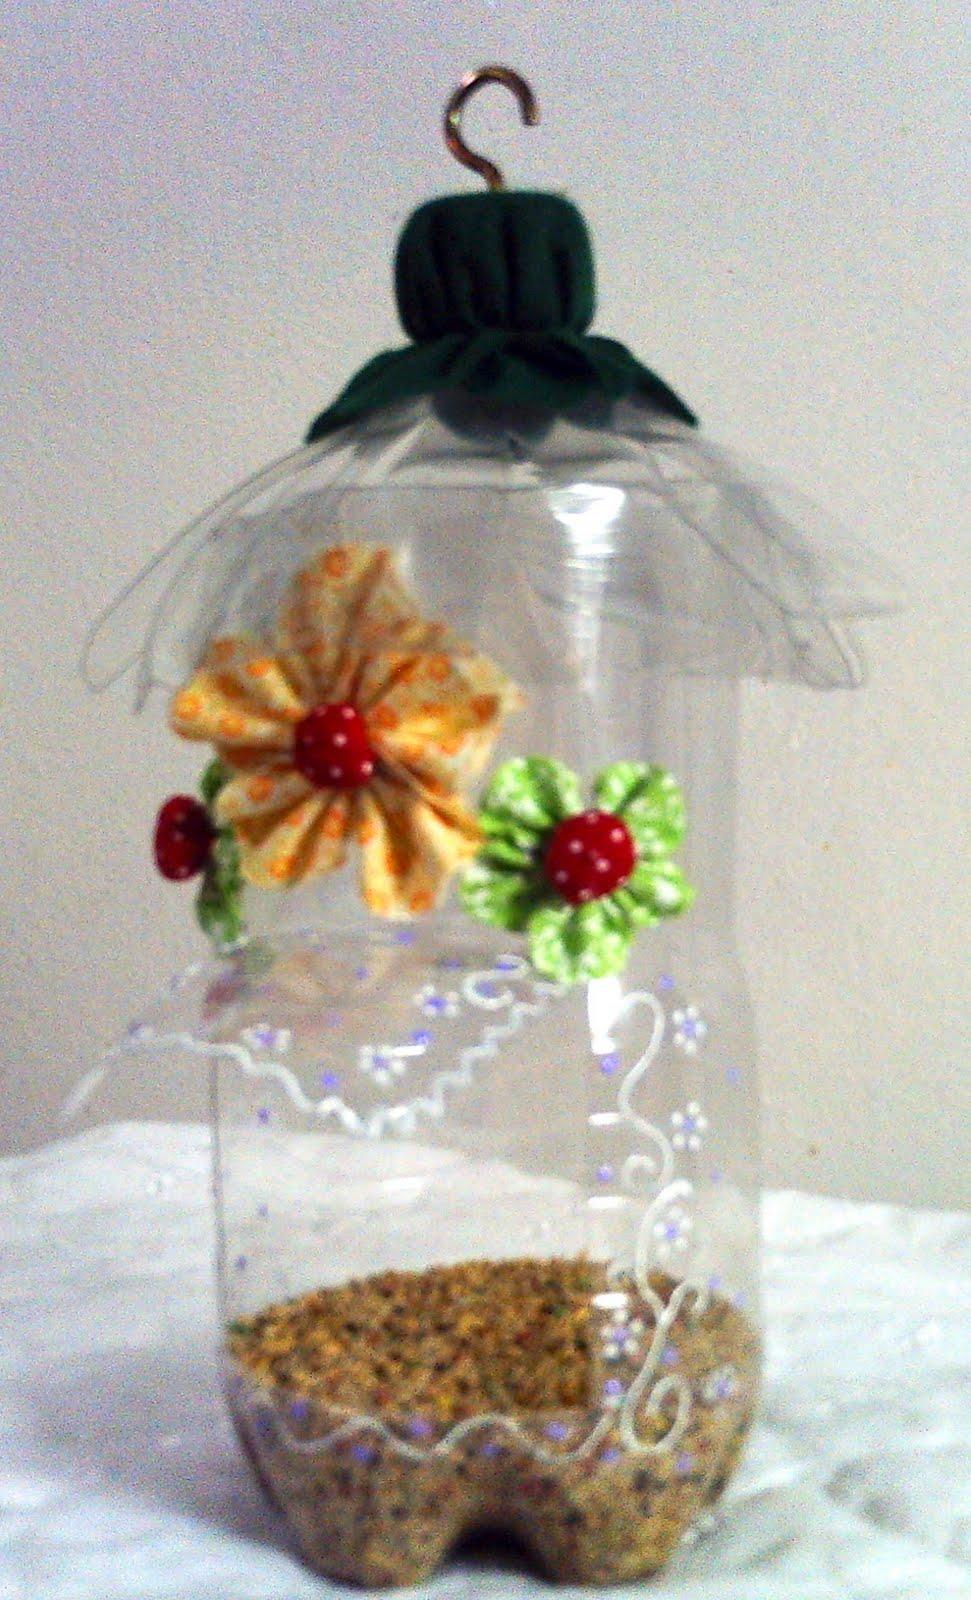 Porta-chá Feito Com Caixa De Leite artesanato+de+novo+008